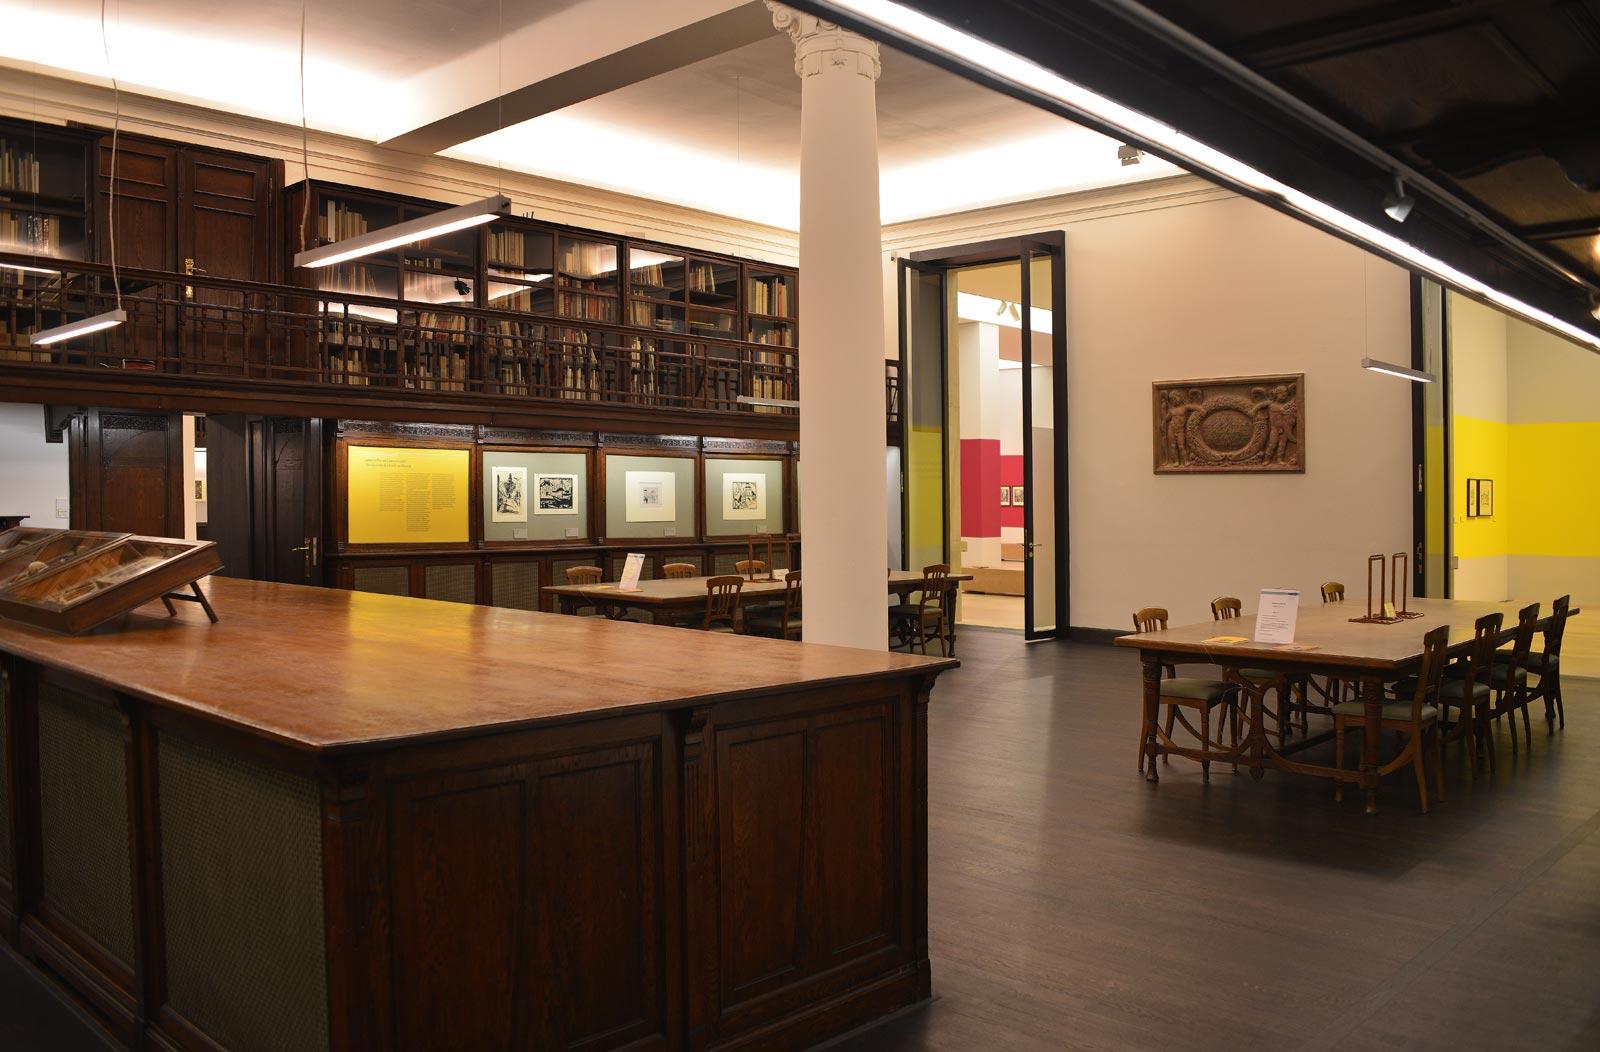 Das Kupferstichkabinett Der Kunsthalle Bremen